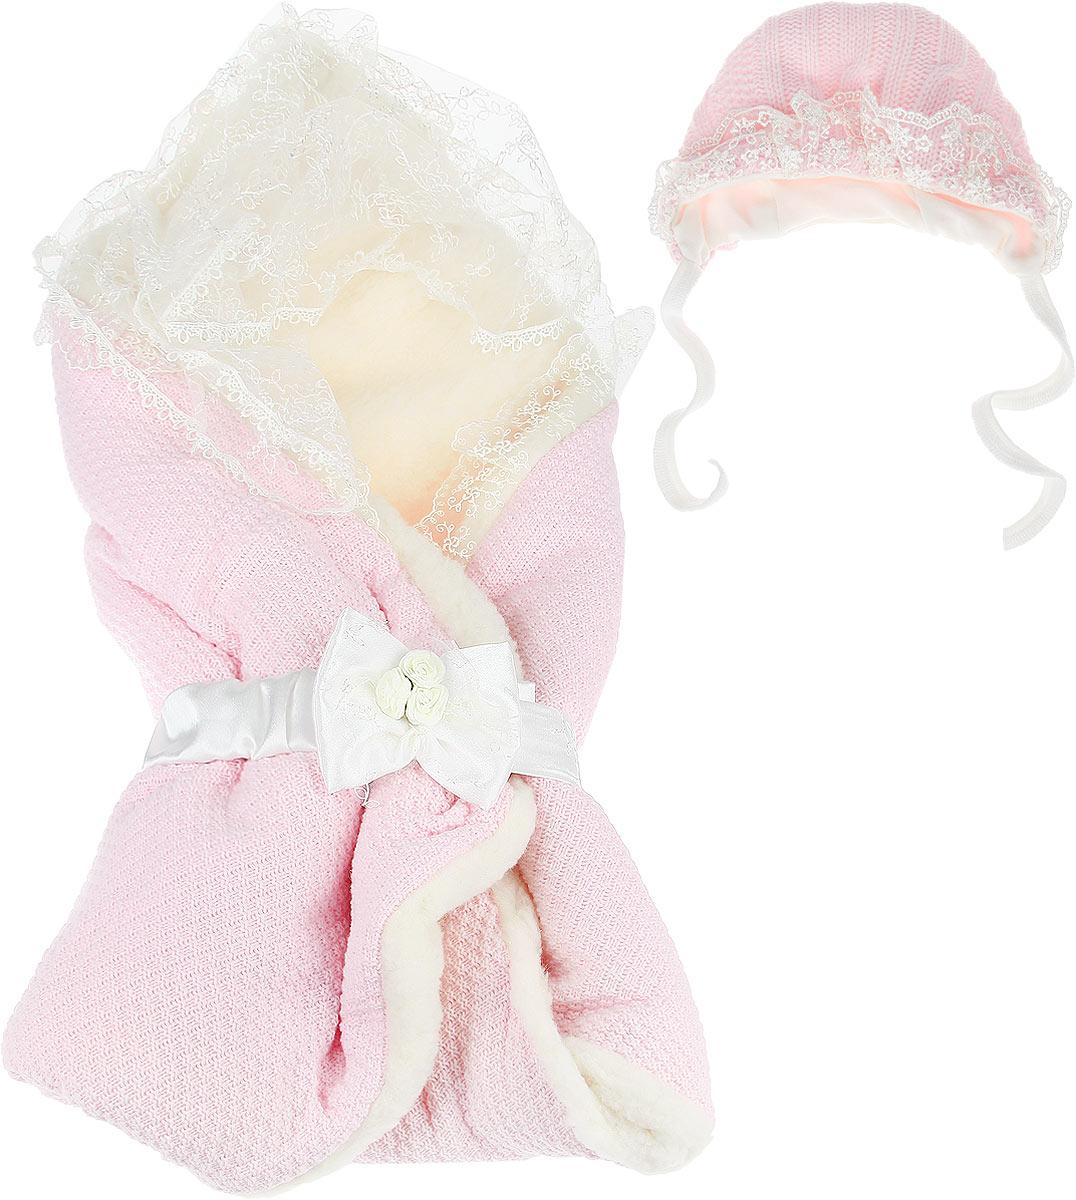 Конверт-одеяло на выписку Сонный гномик Жемчужинка, цвет: розовый, кремовый. 1709М/2. Возраст 0/9 месяцев1709МКонверт-одеяло Сонный гномик Жемчужинка прекрасно подойдет для выписки новорожденного из роддома. В дальнейшем его можно использовать во время прогулок с малышом в коляске-люльке или в качестве удобного коврика для пеленания. Конверт изготовлен из 100% акрила на подкладке из шерсти с добавлением полиэстера. В качестве утеплителя используется шелтер (100% полиэстер). Шелтер (Shelter) - утеплитель нового поколения с тонкими волокнами. Его более мягкие ячейки лучше удерживают воздух, эффективнее сохраняя тепло. Более частые связи между волокнами делают утеплитель прочным и позволяют сохранить его свойства даже после многократных стирок. Утеплитель шелтер максимально защищает от холода и не стесняет движений. Конверт-одеяло складывается и фиксируется на липучку. Верхняя часть конверта украшена вуалью с ажурной вышивкой, пристегивающейся с помощью липучек. Также в комплект входит очаровательный акриловый чепчик на хлопковой подкладке, украшенный оборкой из вуали и атласный поясок на резинке, украшенный декоративным бантиком. Оригинальный конверт на выписку порадует взгляд родителей и прохожих.